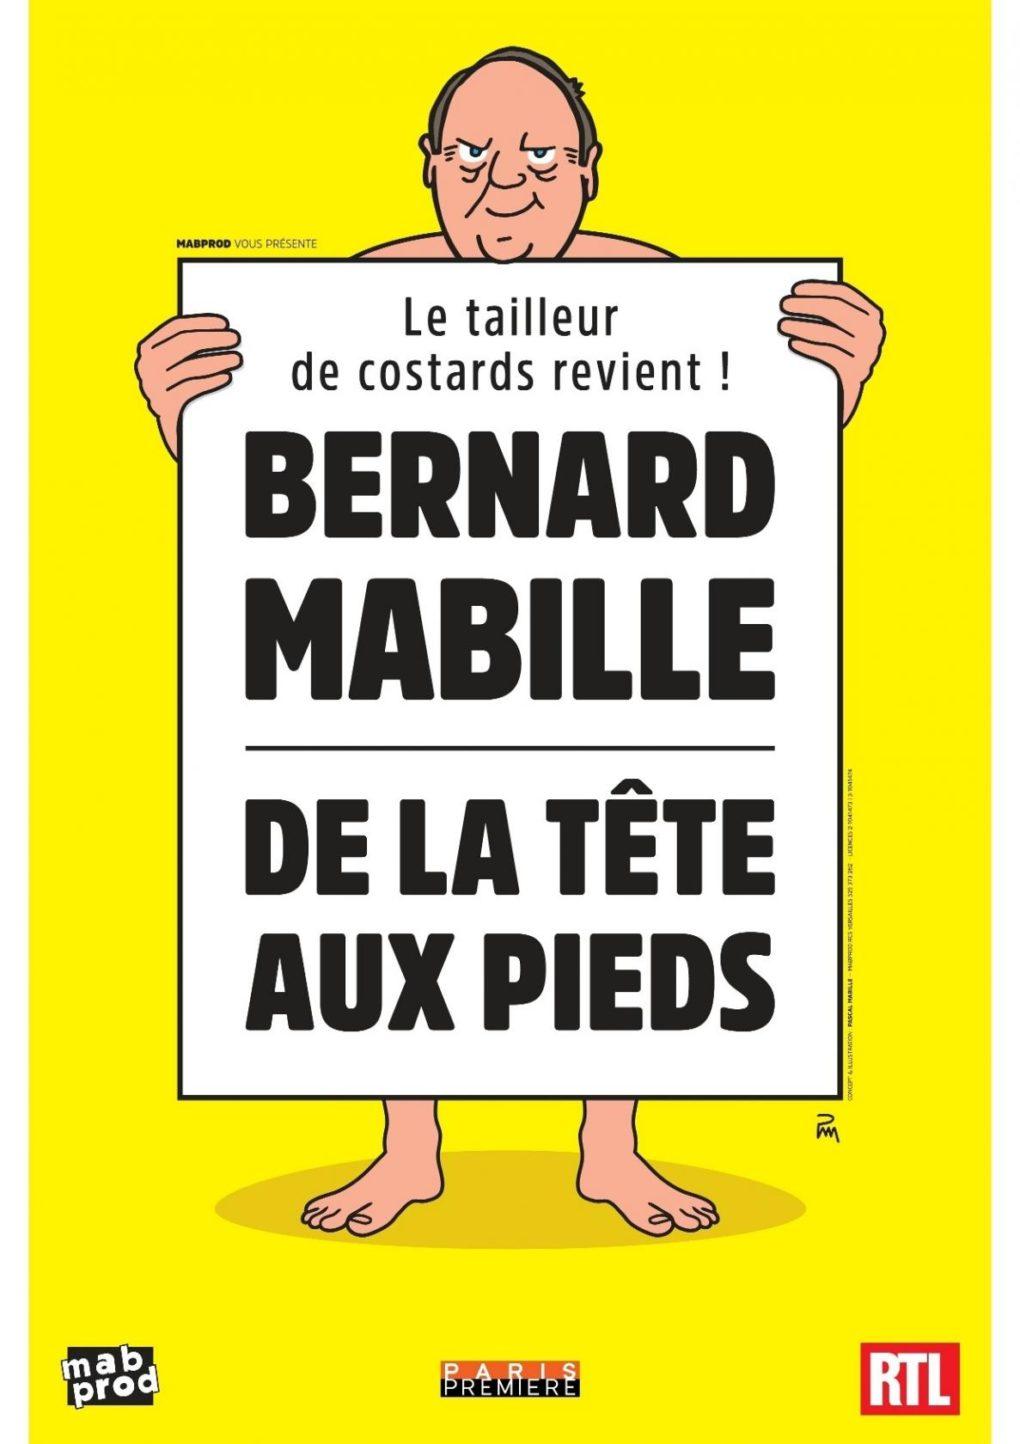 Bernard Mabille : De la tête aux pieds Plougonvelin